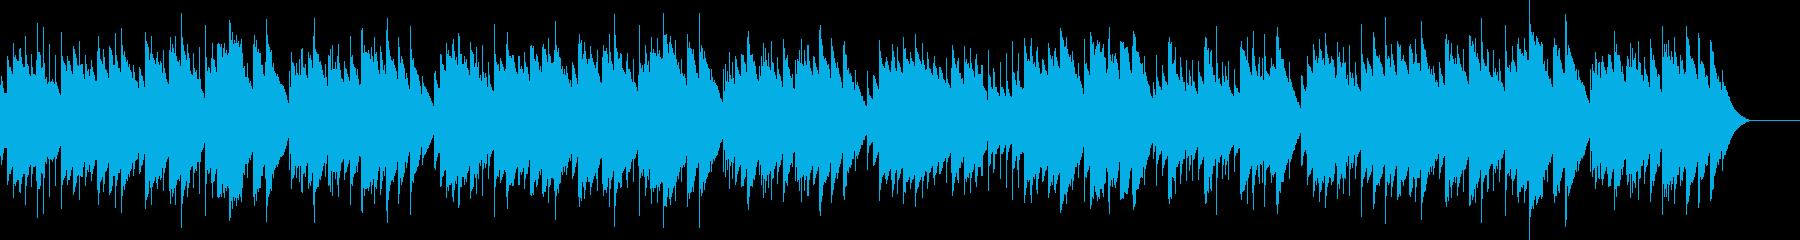 ディヴェルティメント 17番 オルゴールの再生済みの波形